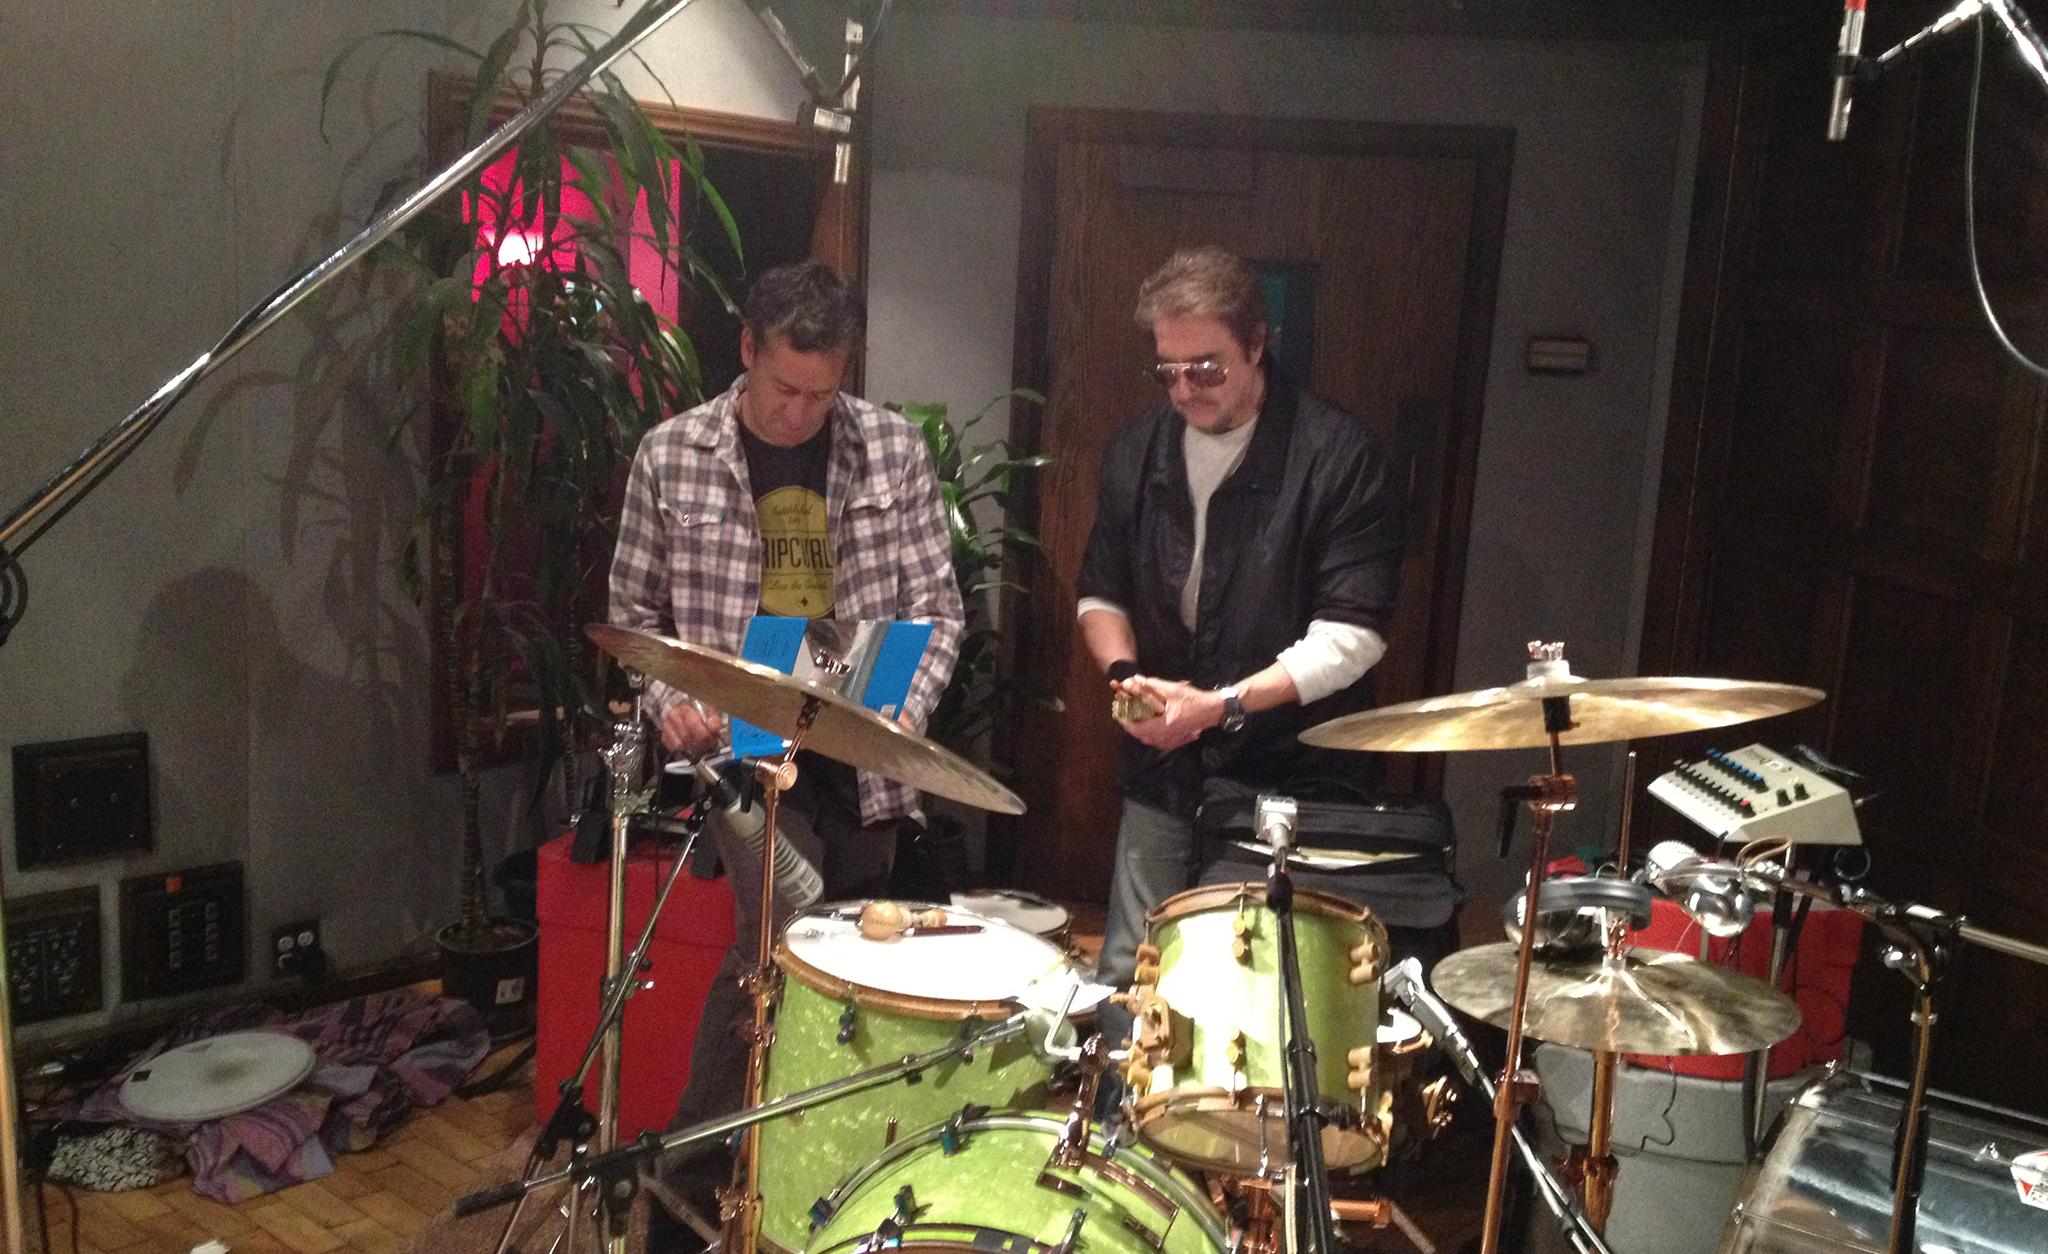 Tom Curren and Jim Keltner